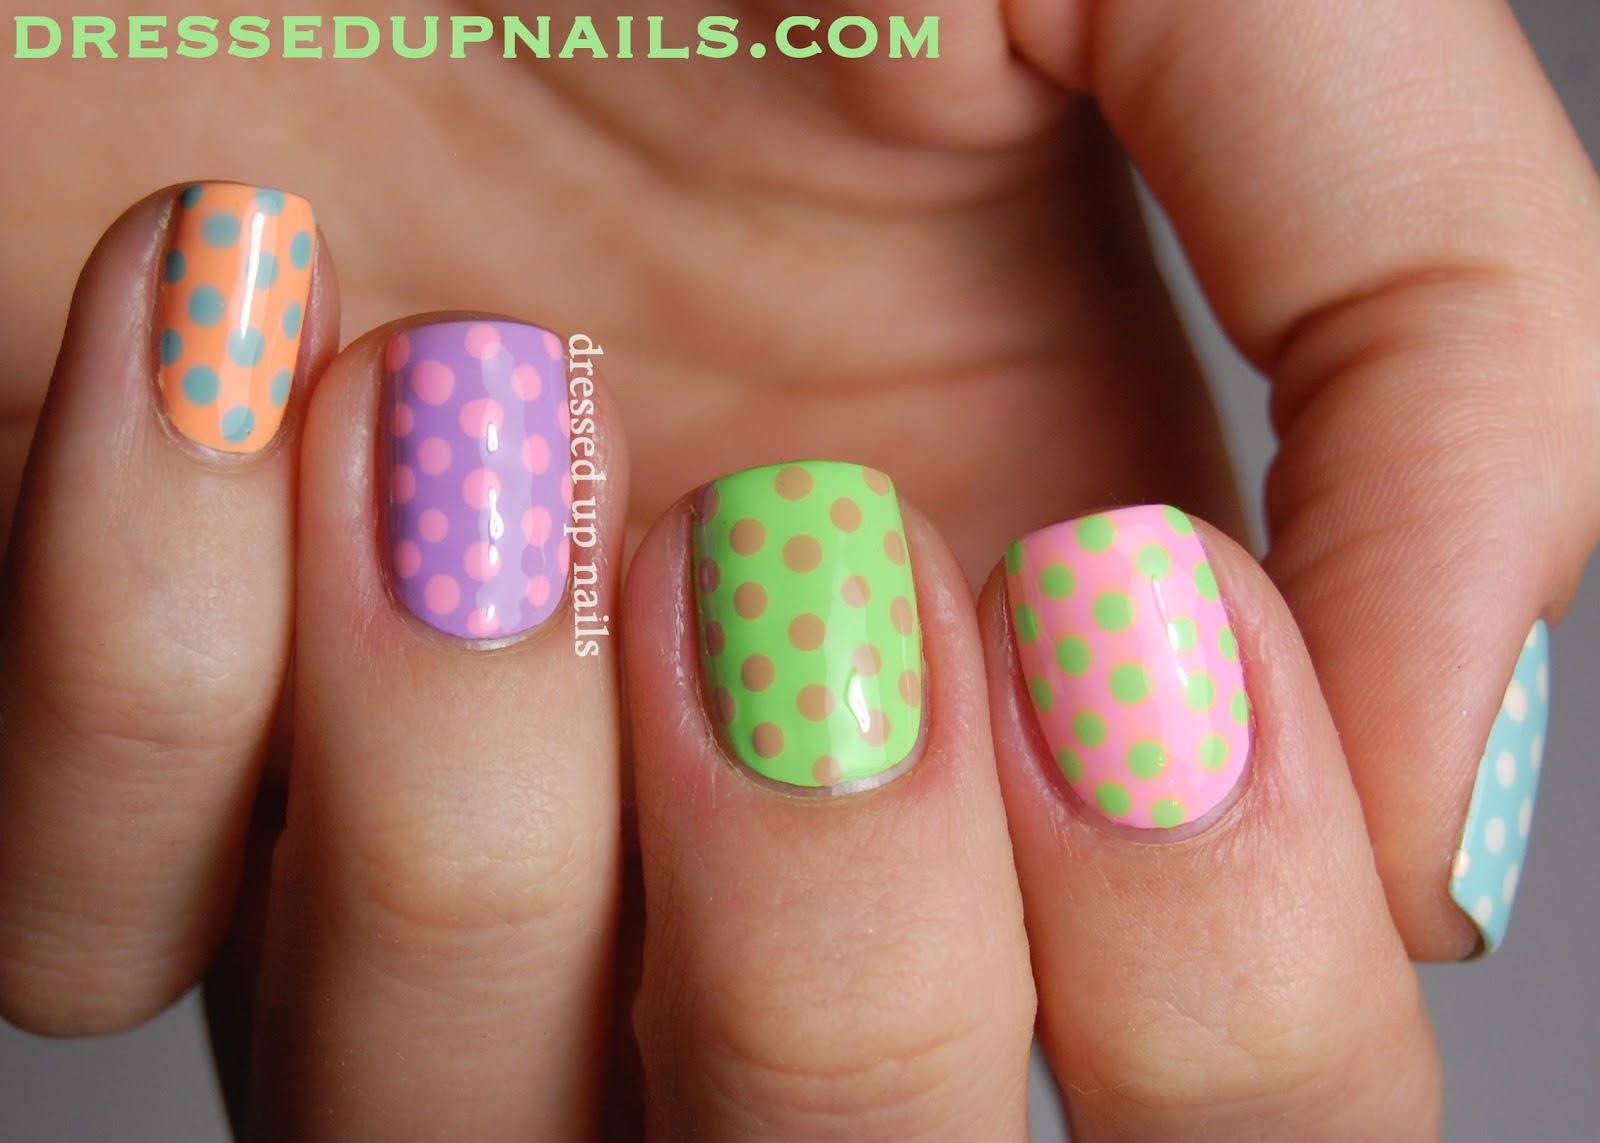 Nais on pinterest short nails nail design and cute nail designs - Easy cute nail designs at home ...